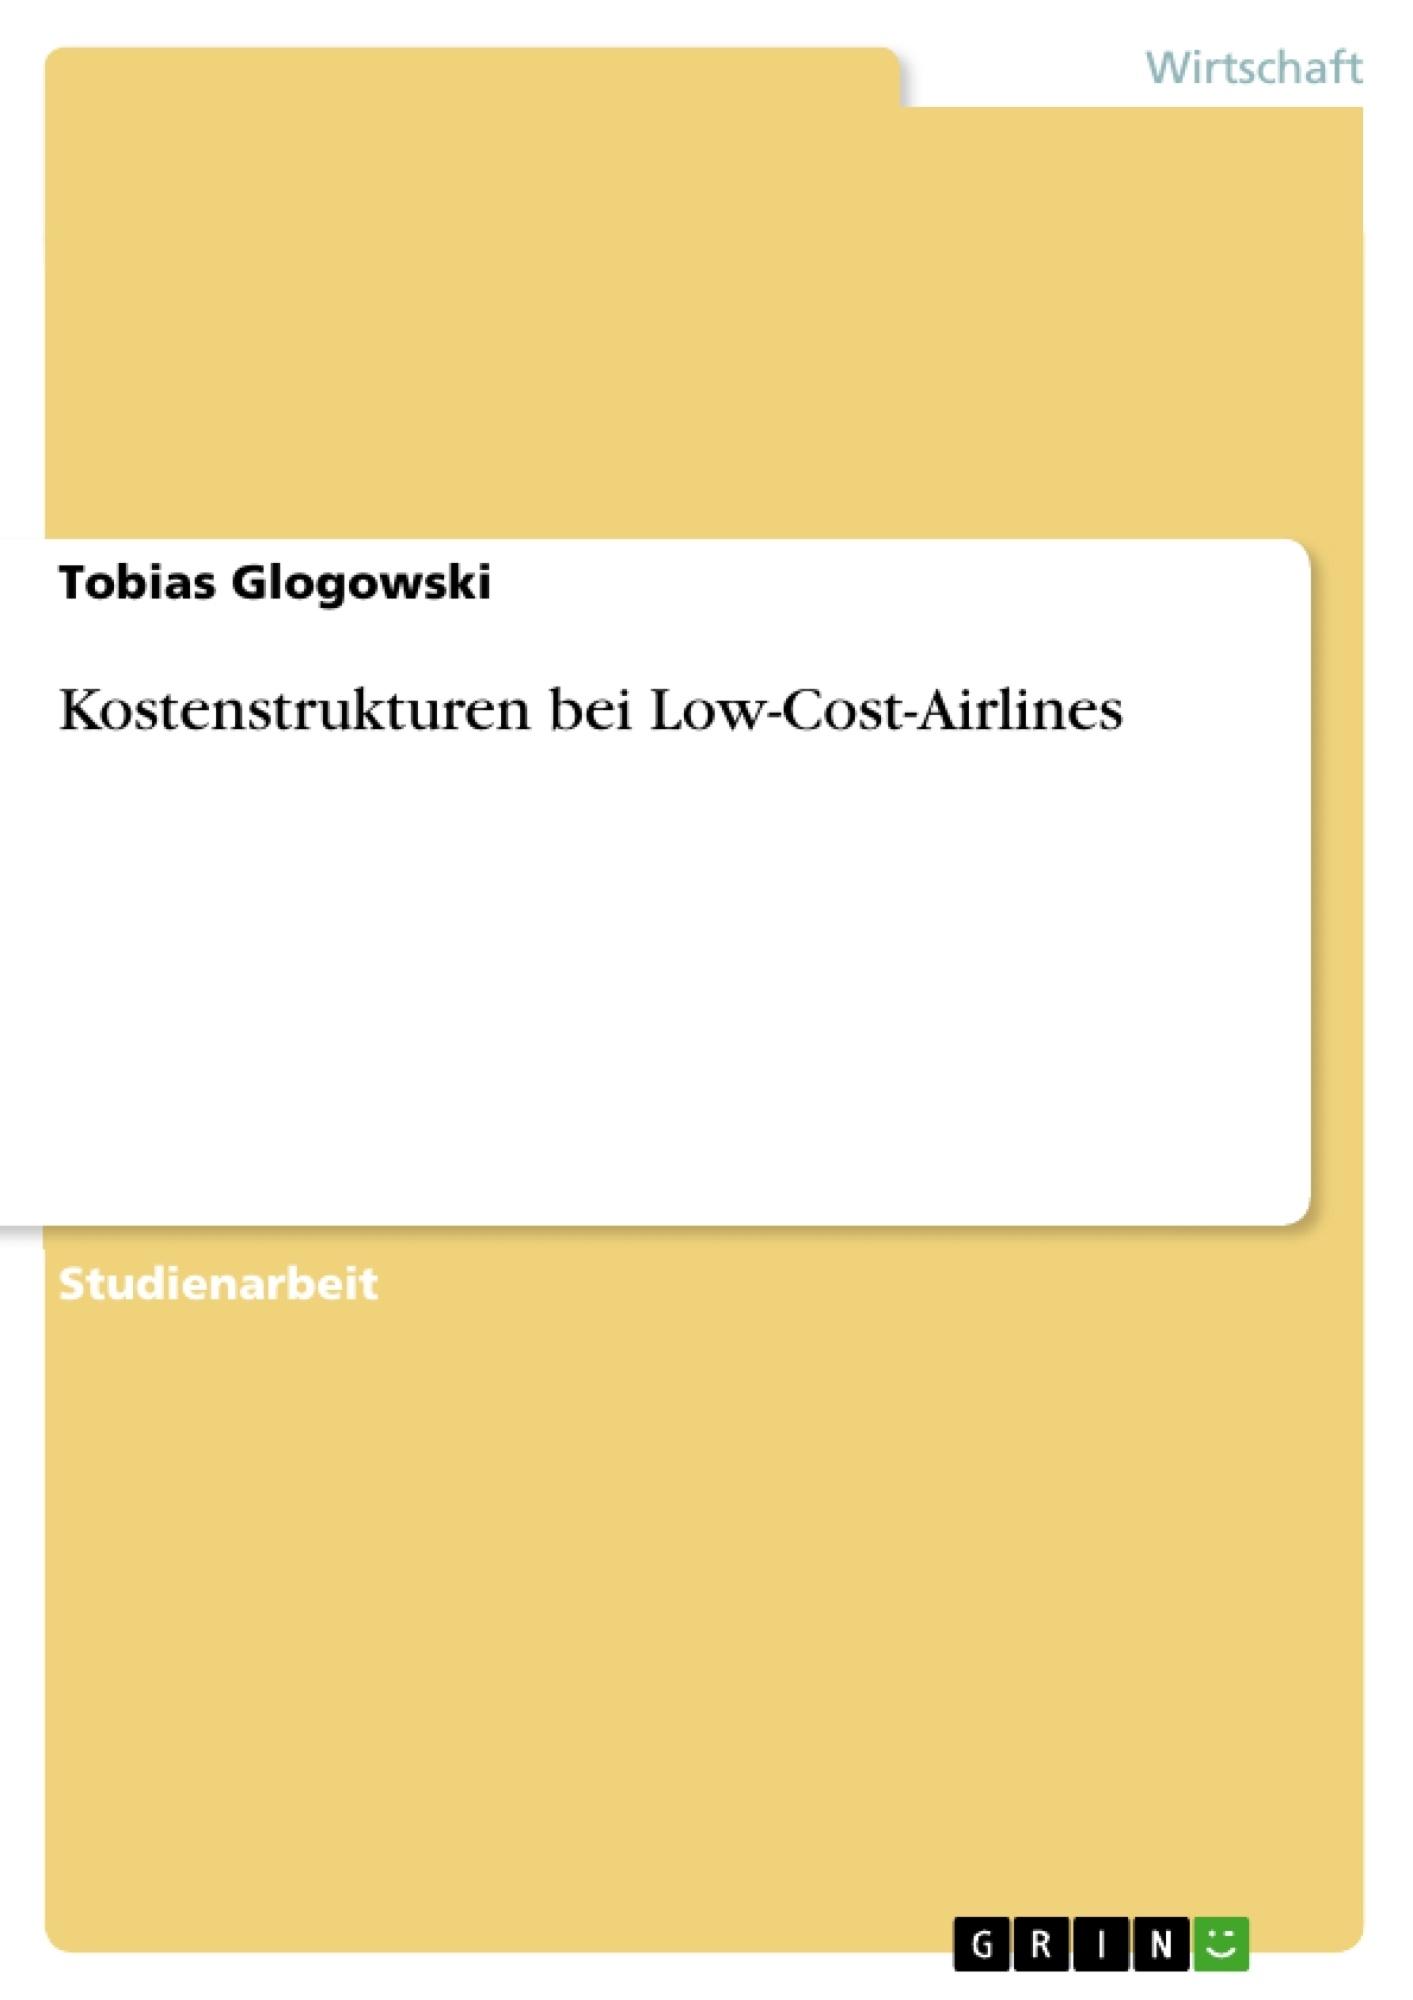 Titel: Kostenstrukturen bei Low-Cost-Airlines